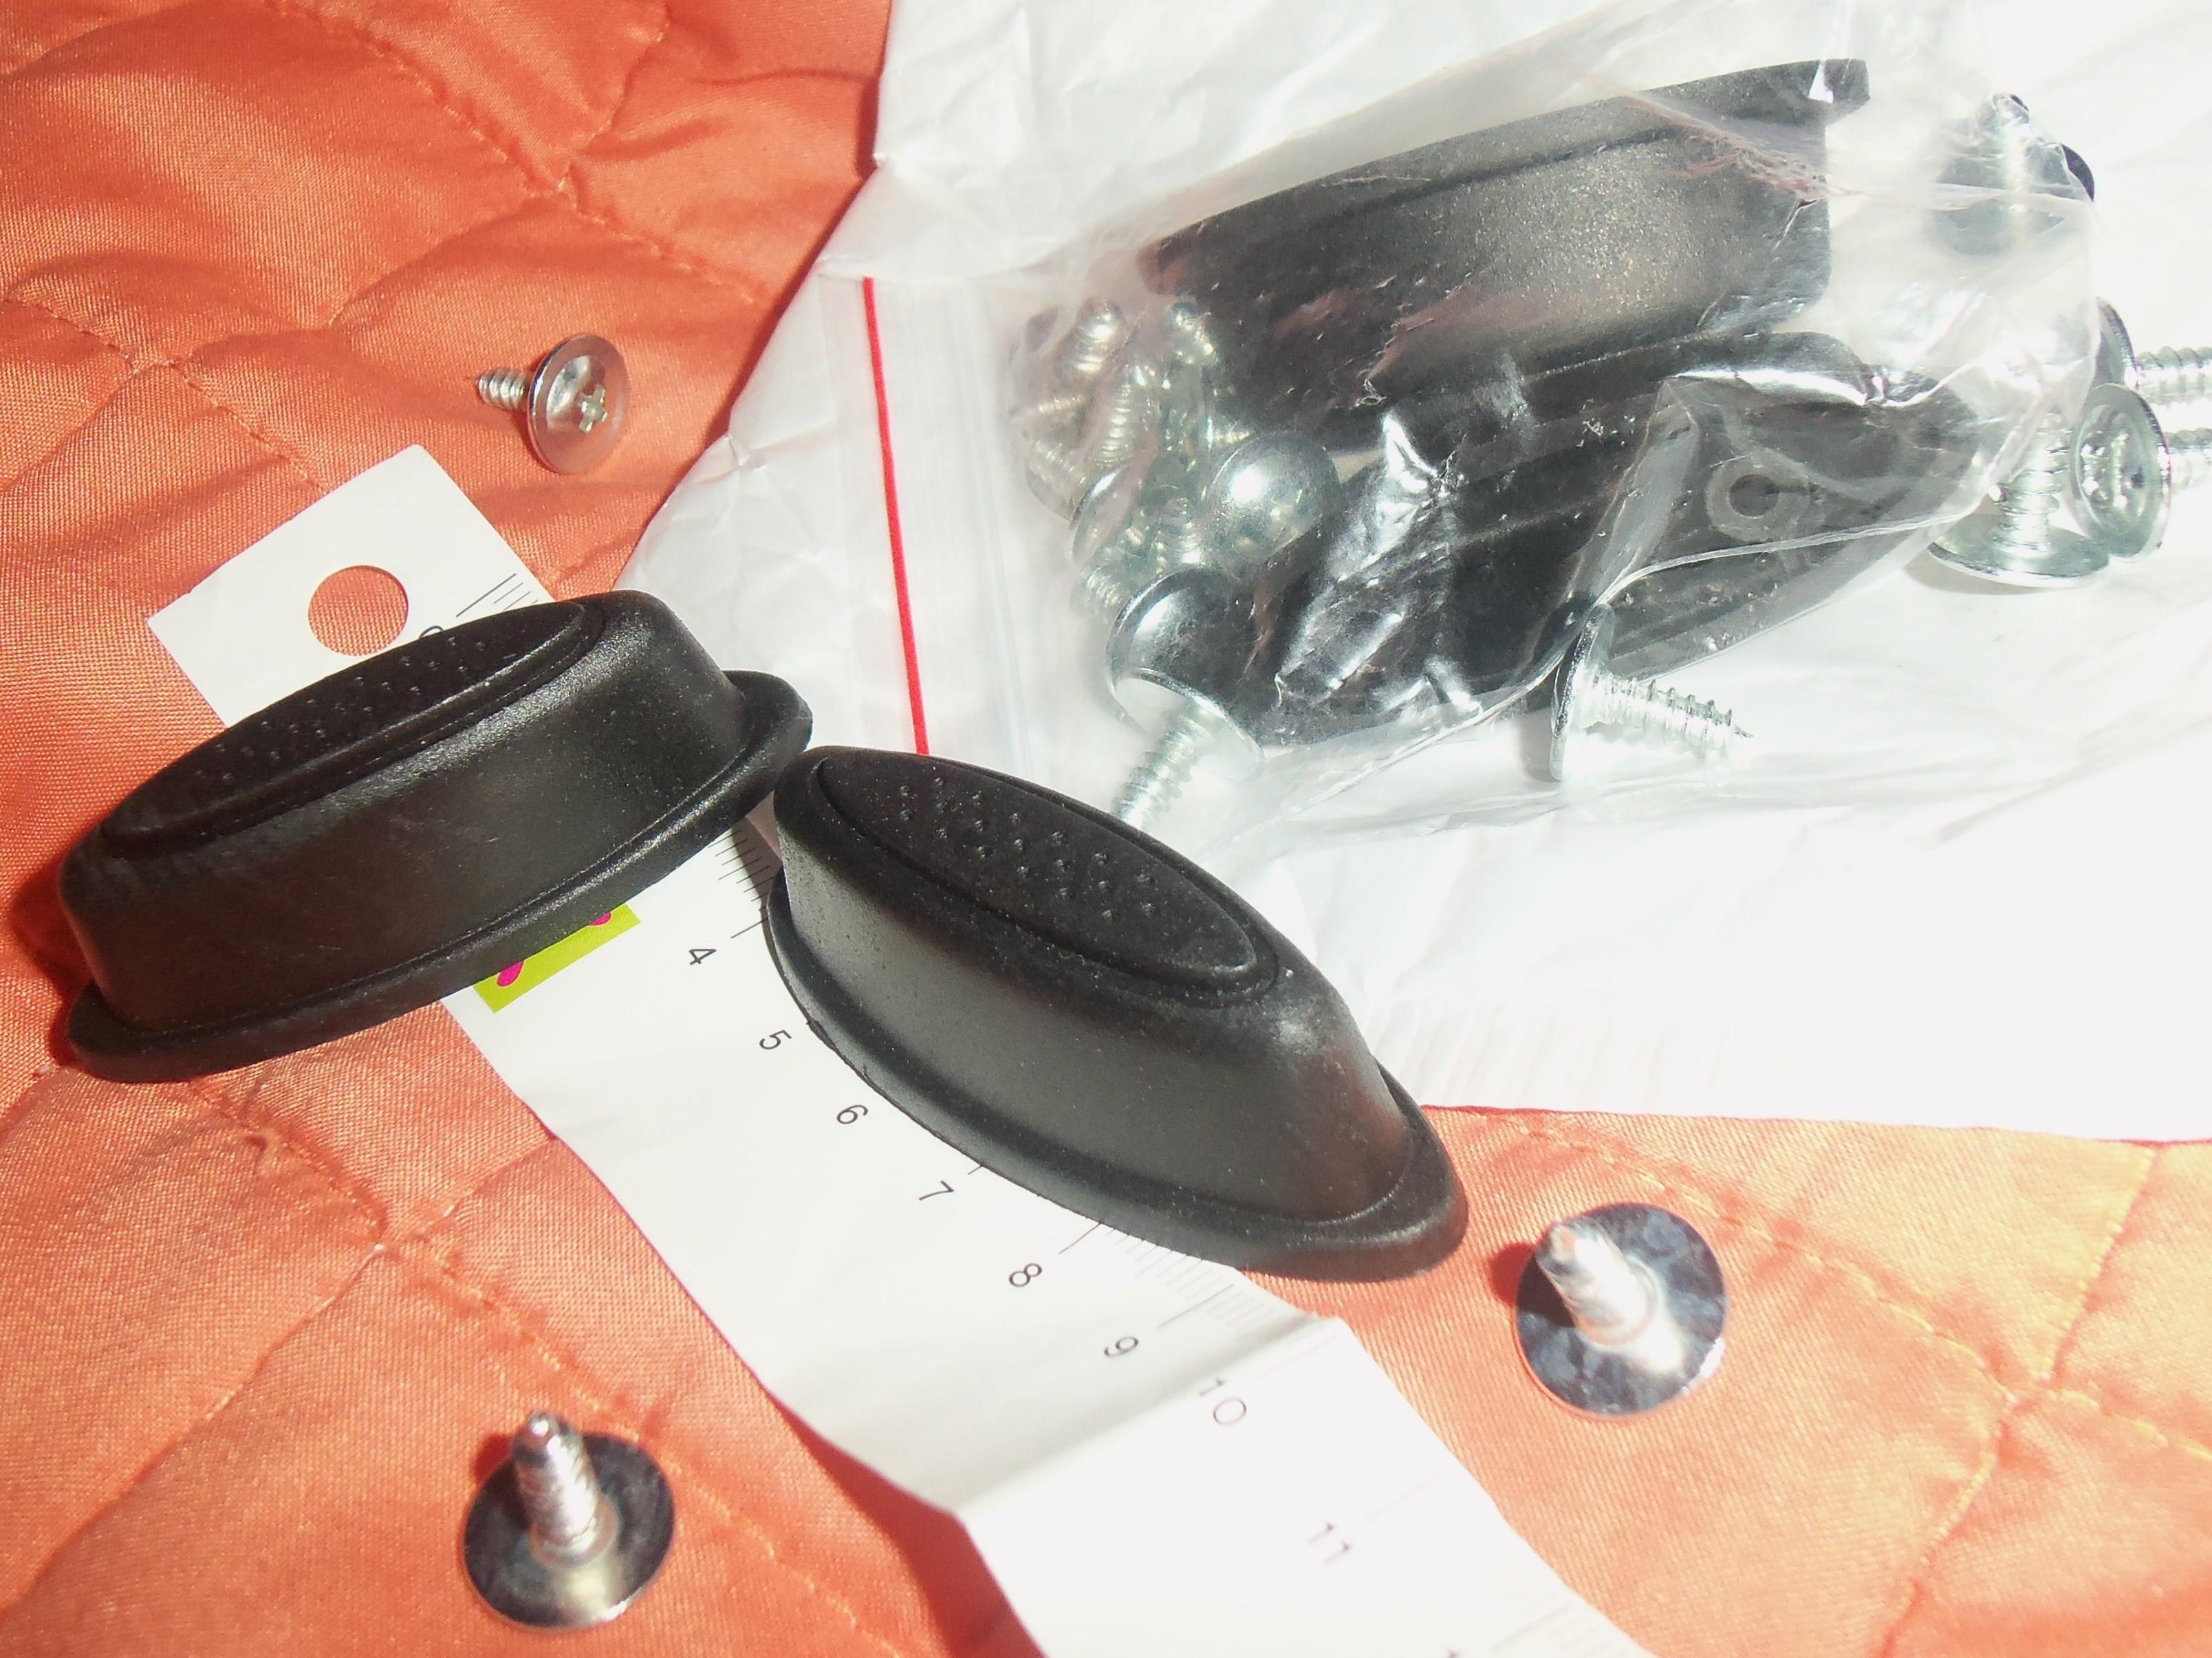 ISKYBOB 2X Vervanging Plastic Bagage Stud voet Voeten Pad Zwart voor elke tas Kit Fashion photo review